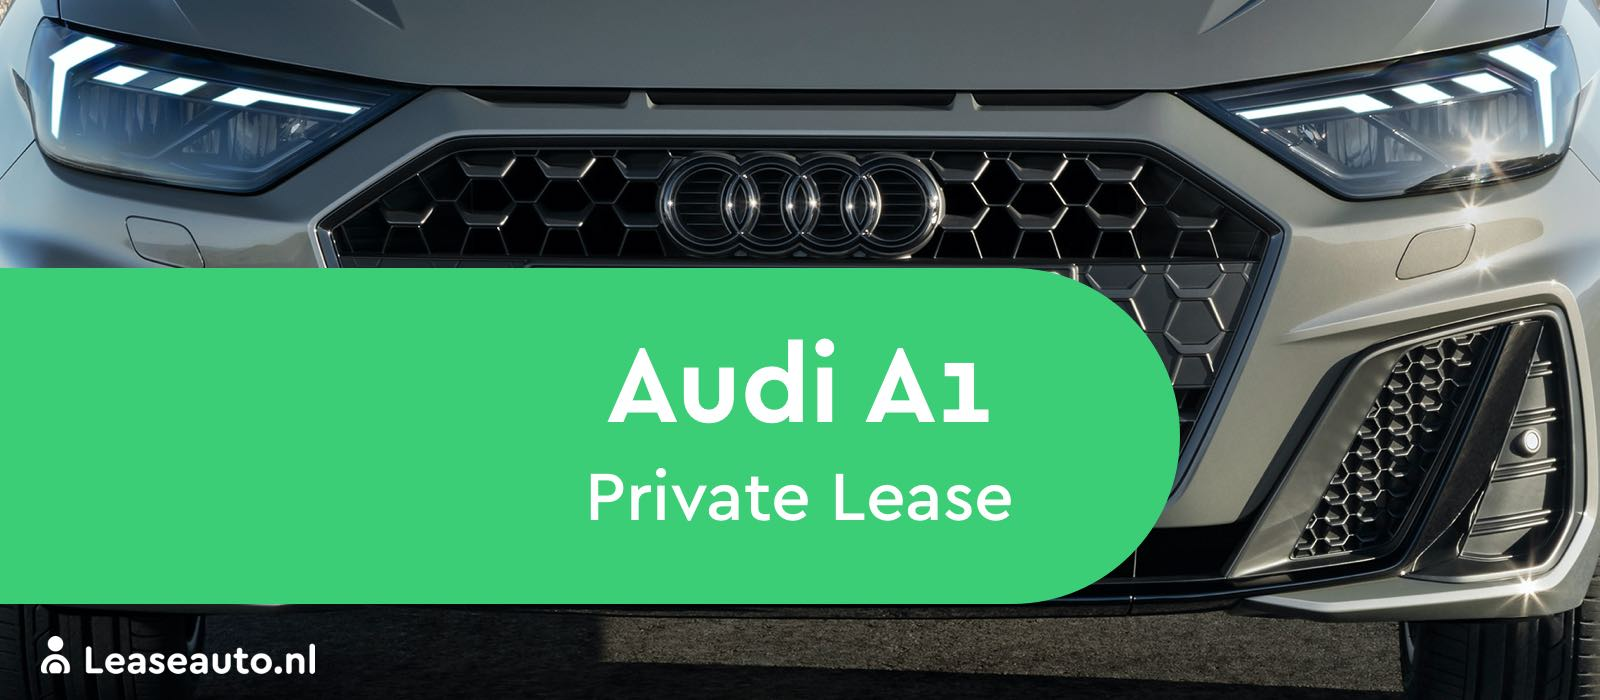 audi a1 private lease